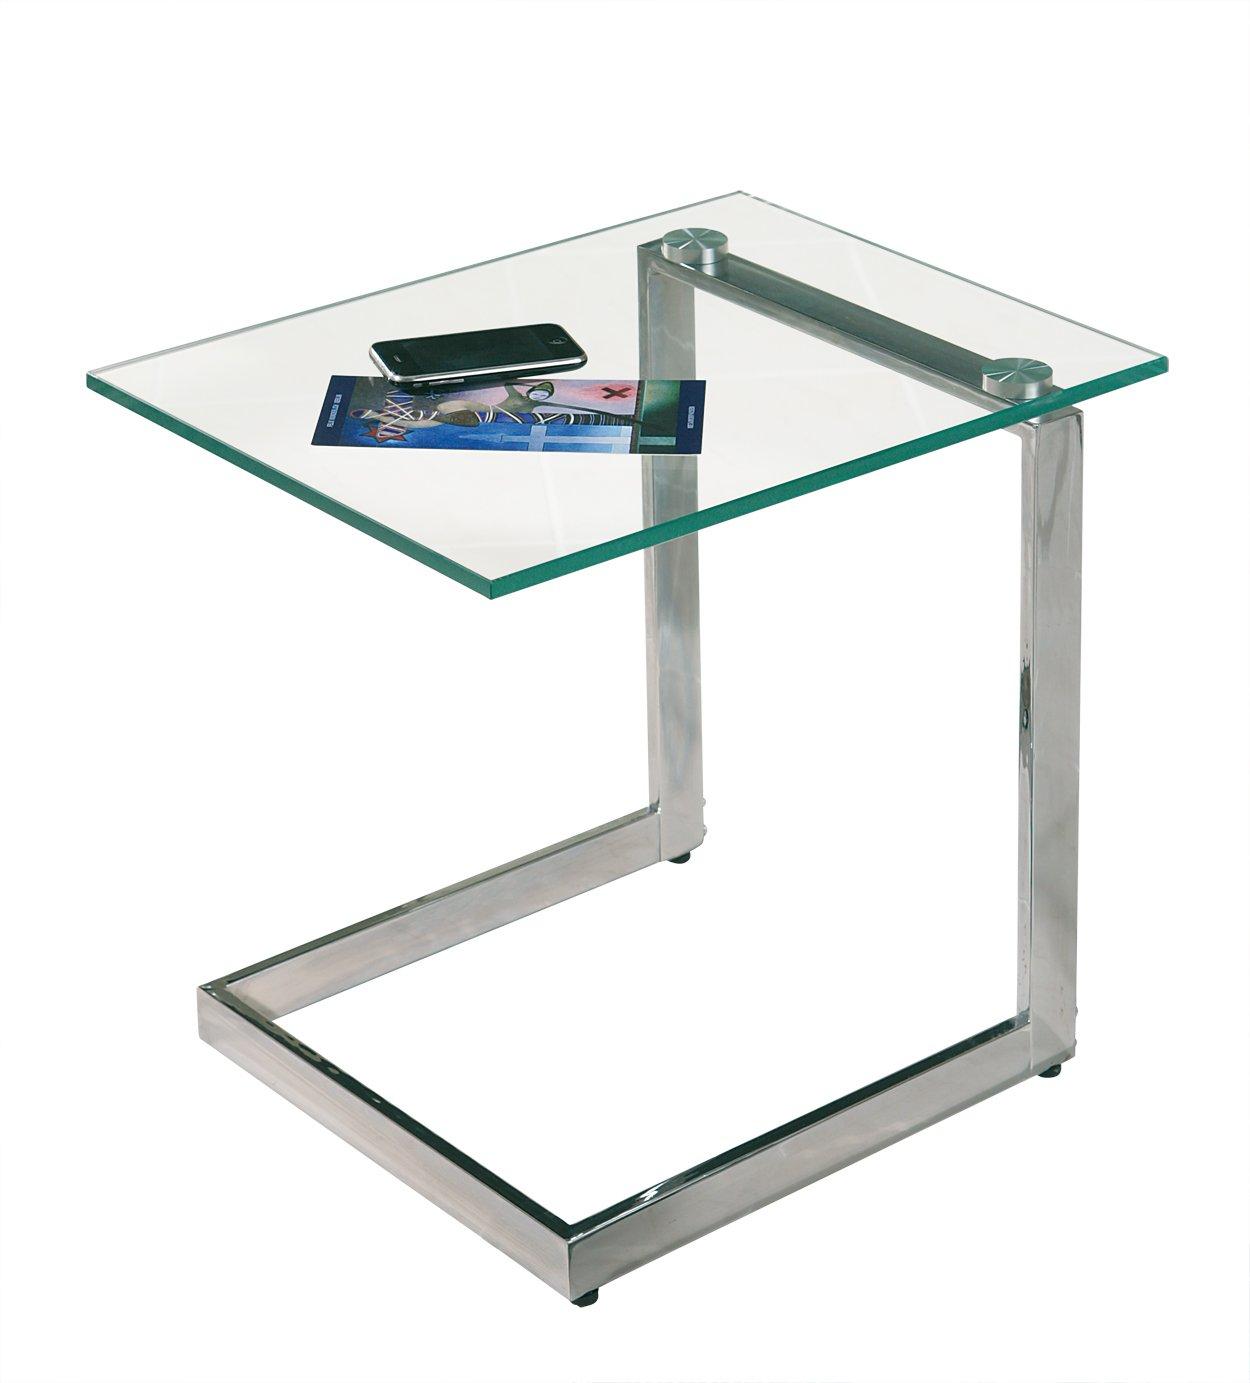 Beistelltisch glas chrom  Links 99100900 Beistelltisch